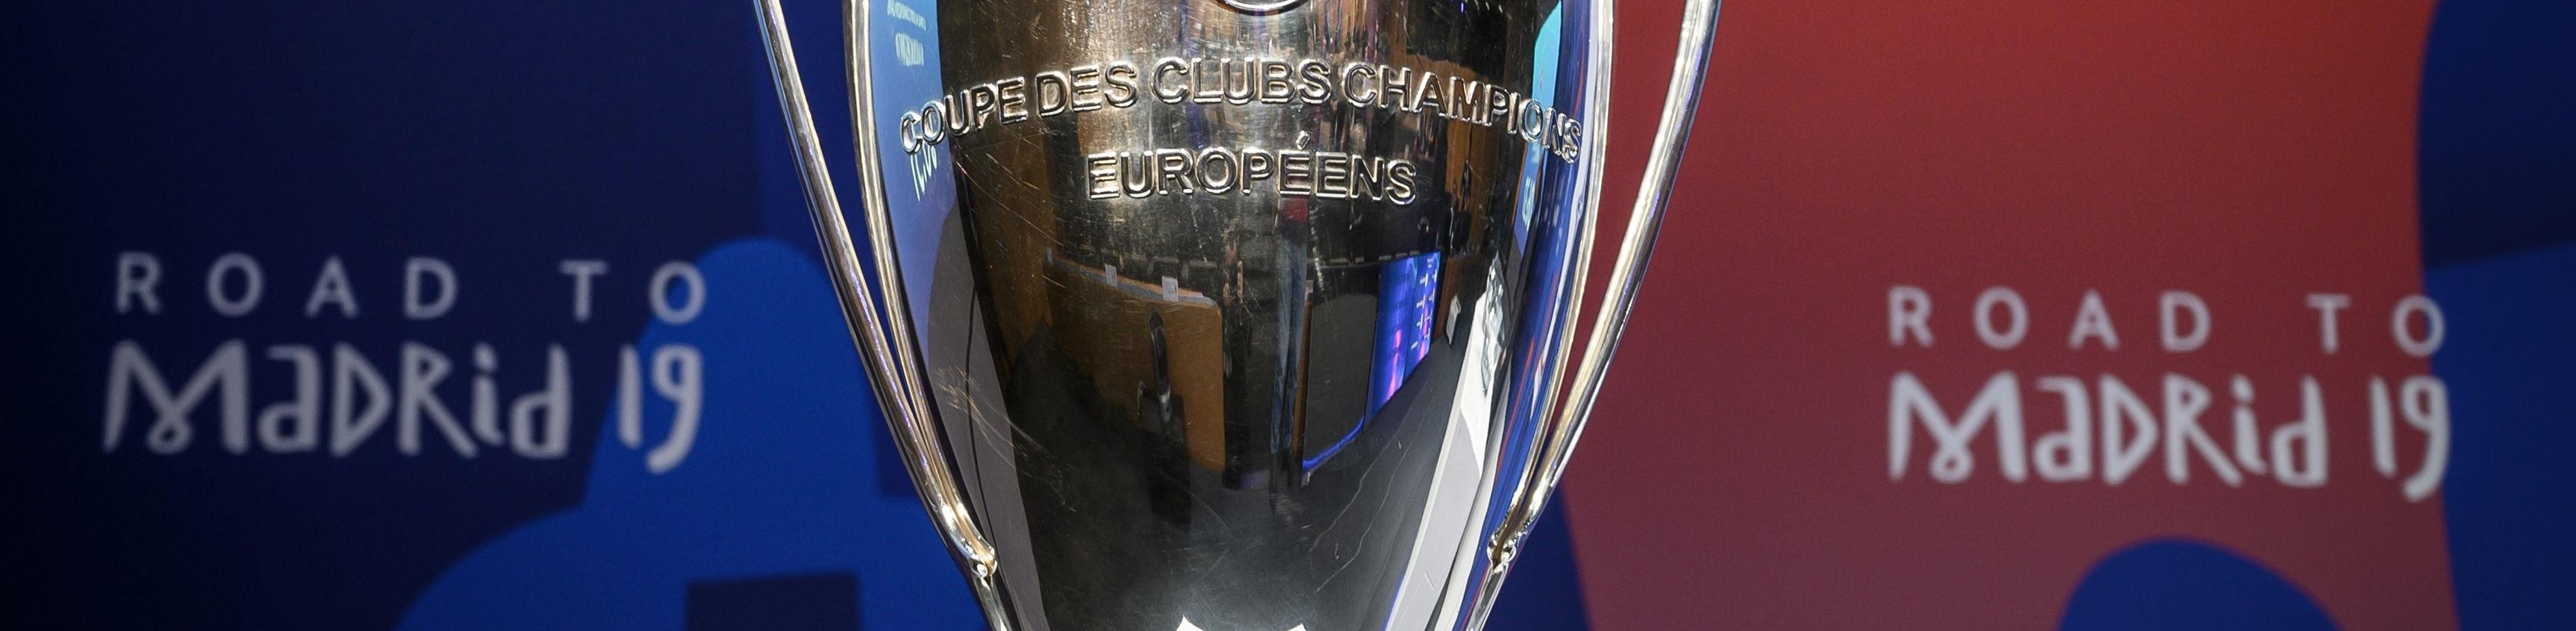 Road to Madrid: ecco la griglia Champions League, dai quarti alla finale!